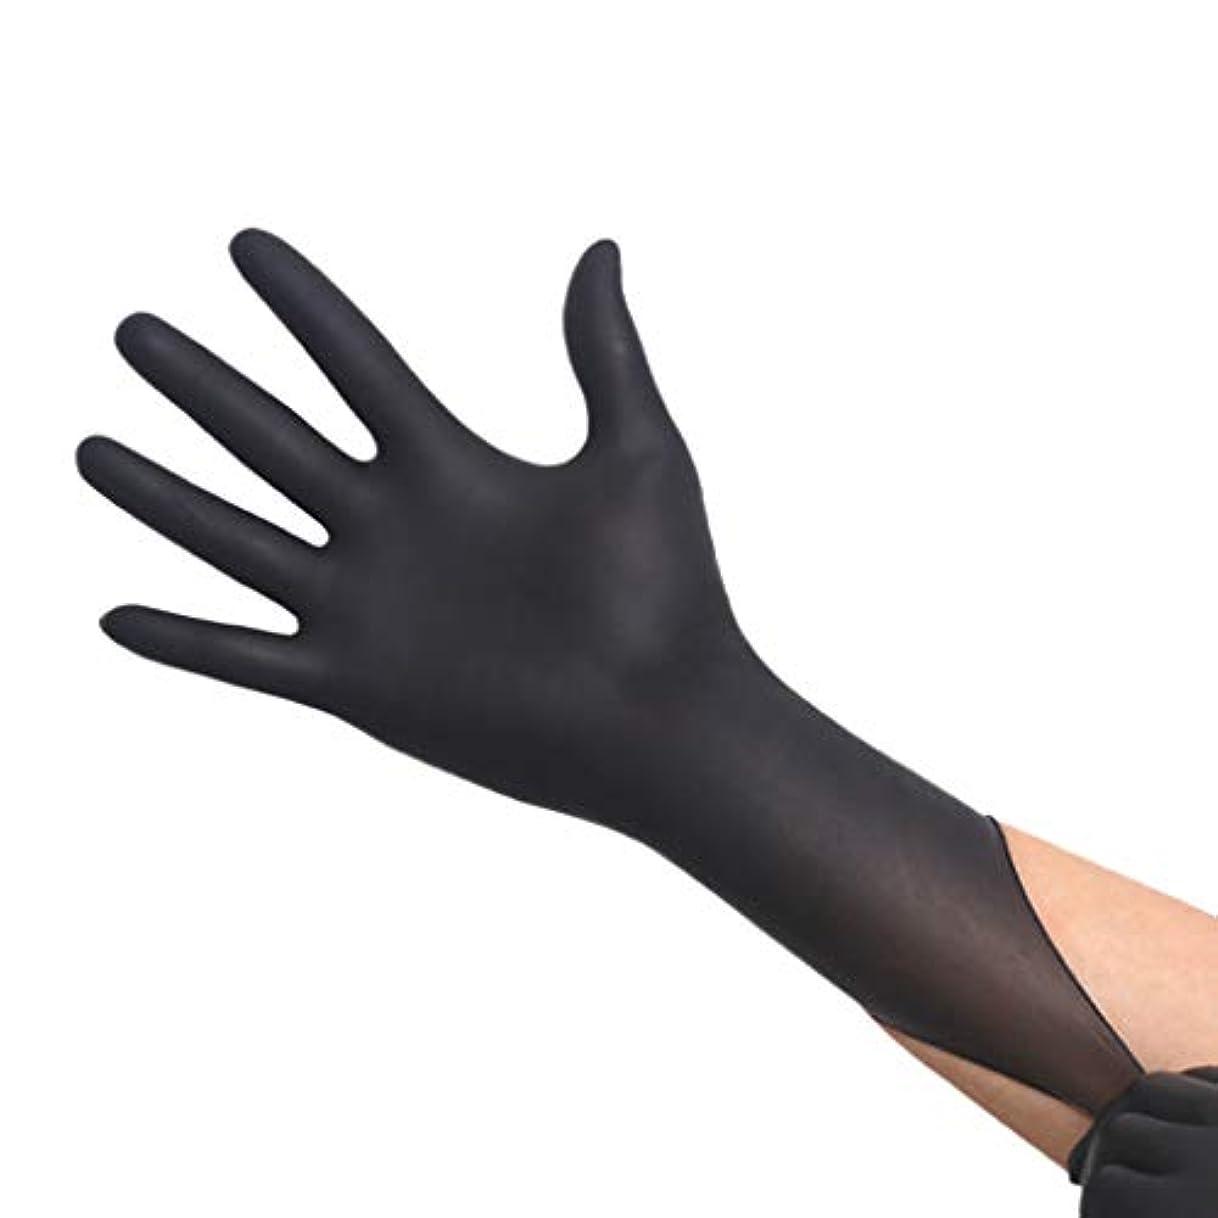 疫病王朝改修する厚手の耐摩耗性使い捨てブラックニトリル手袋 - 耐酸性美容サロン手袋、50ペア/箱 YANW (色 : ブラック, サイズ さいず : M m)